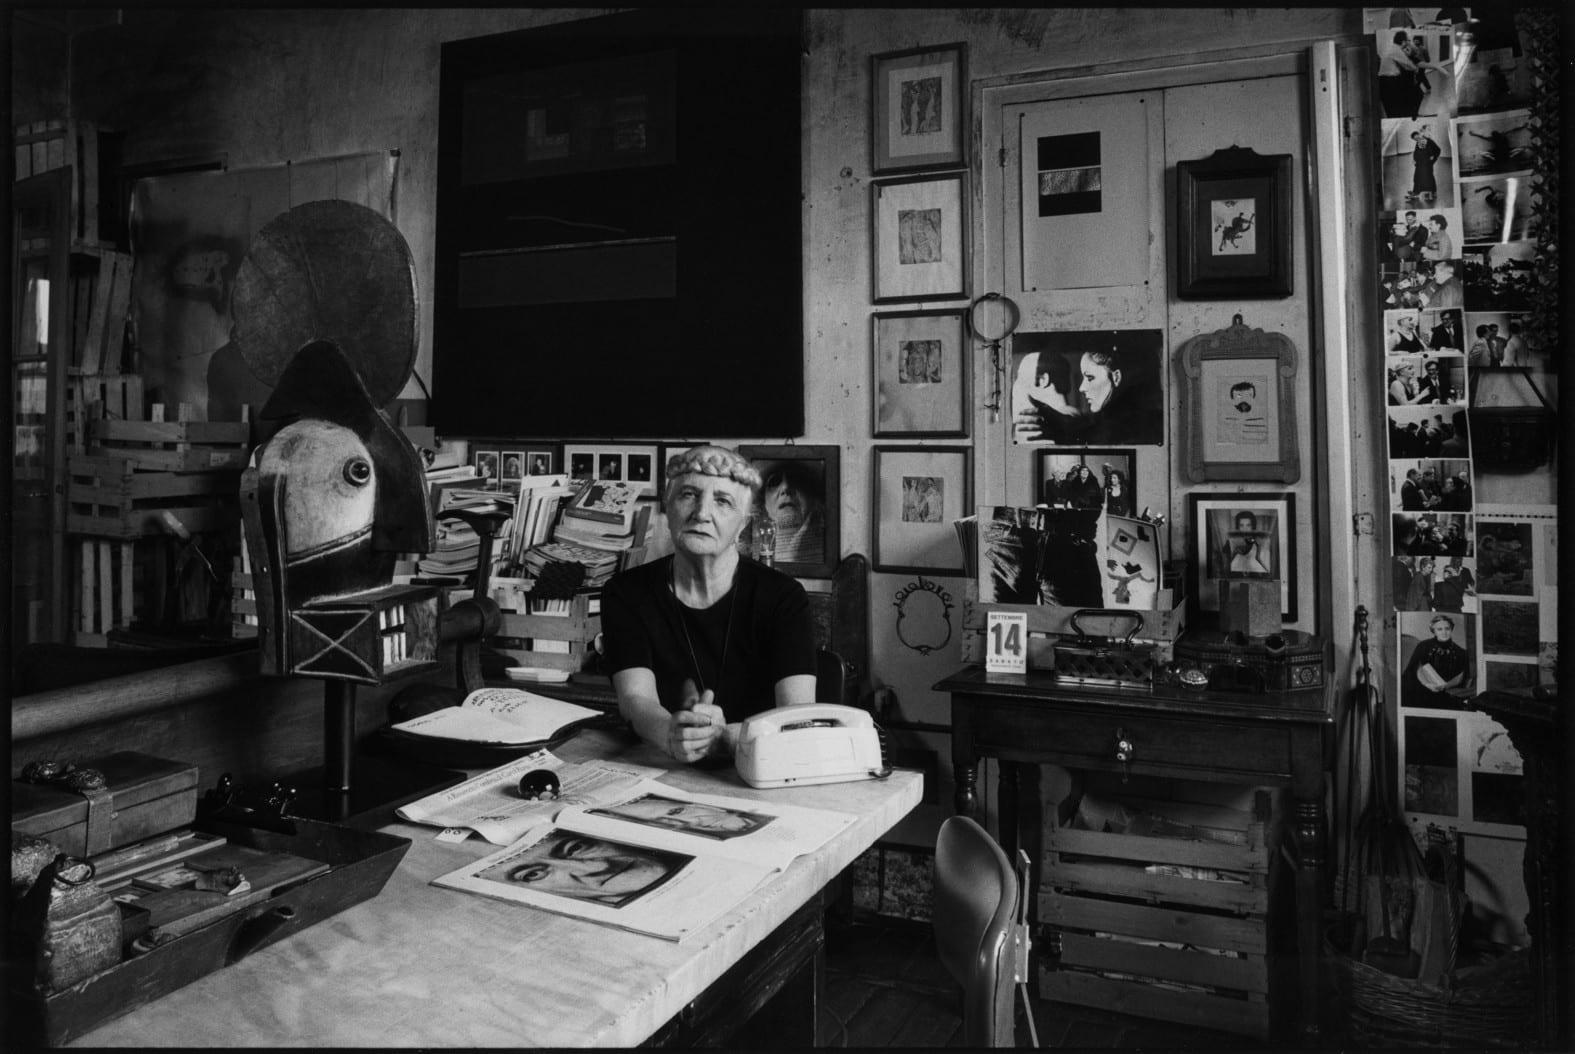 Aprirà al pubblico a Torino la  casa studio di Carol Rama. Ospiterà l'archivio dell'artista scomparsa nel 2015